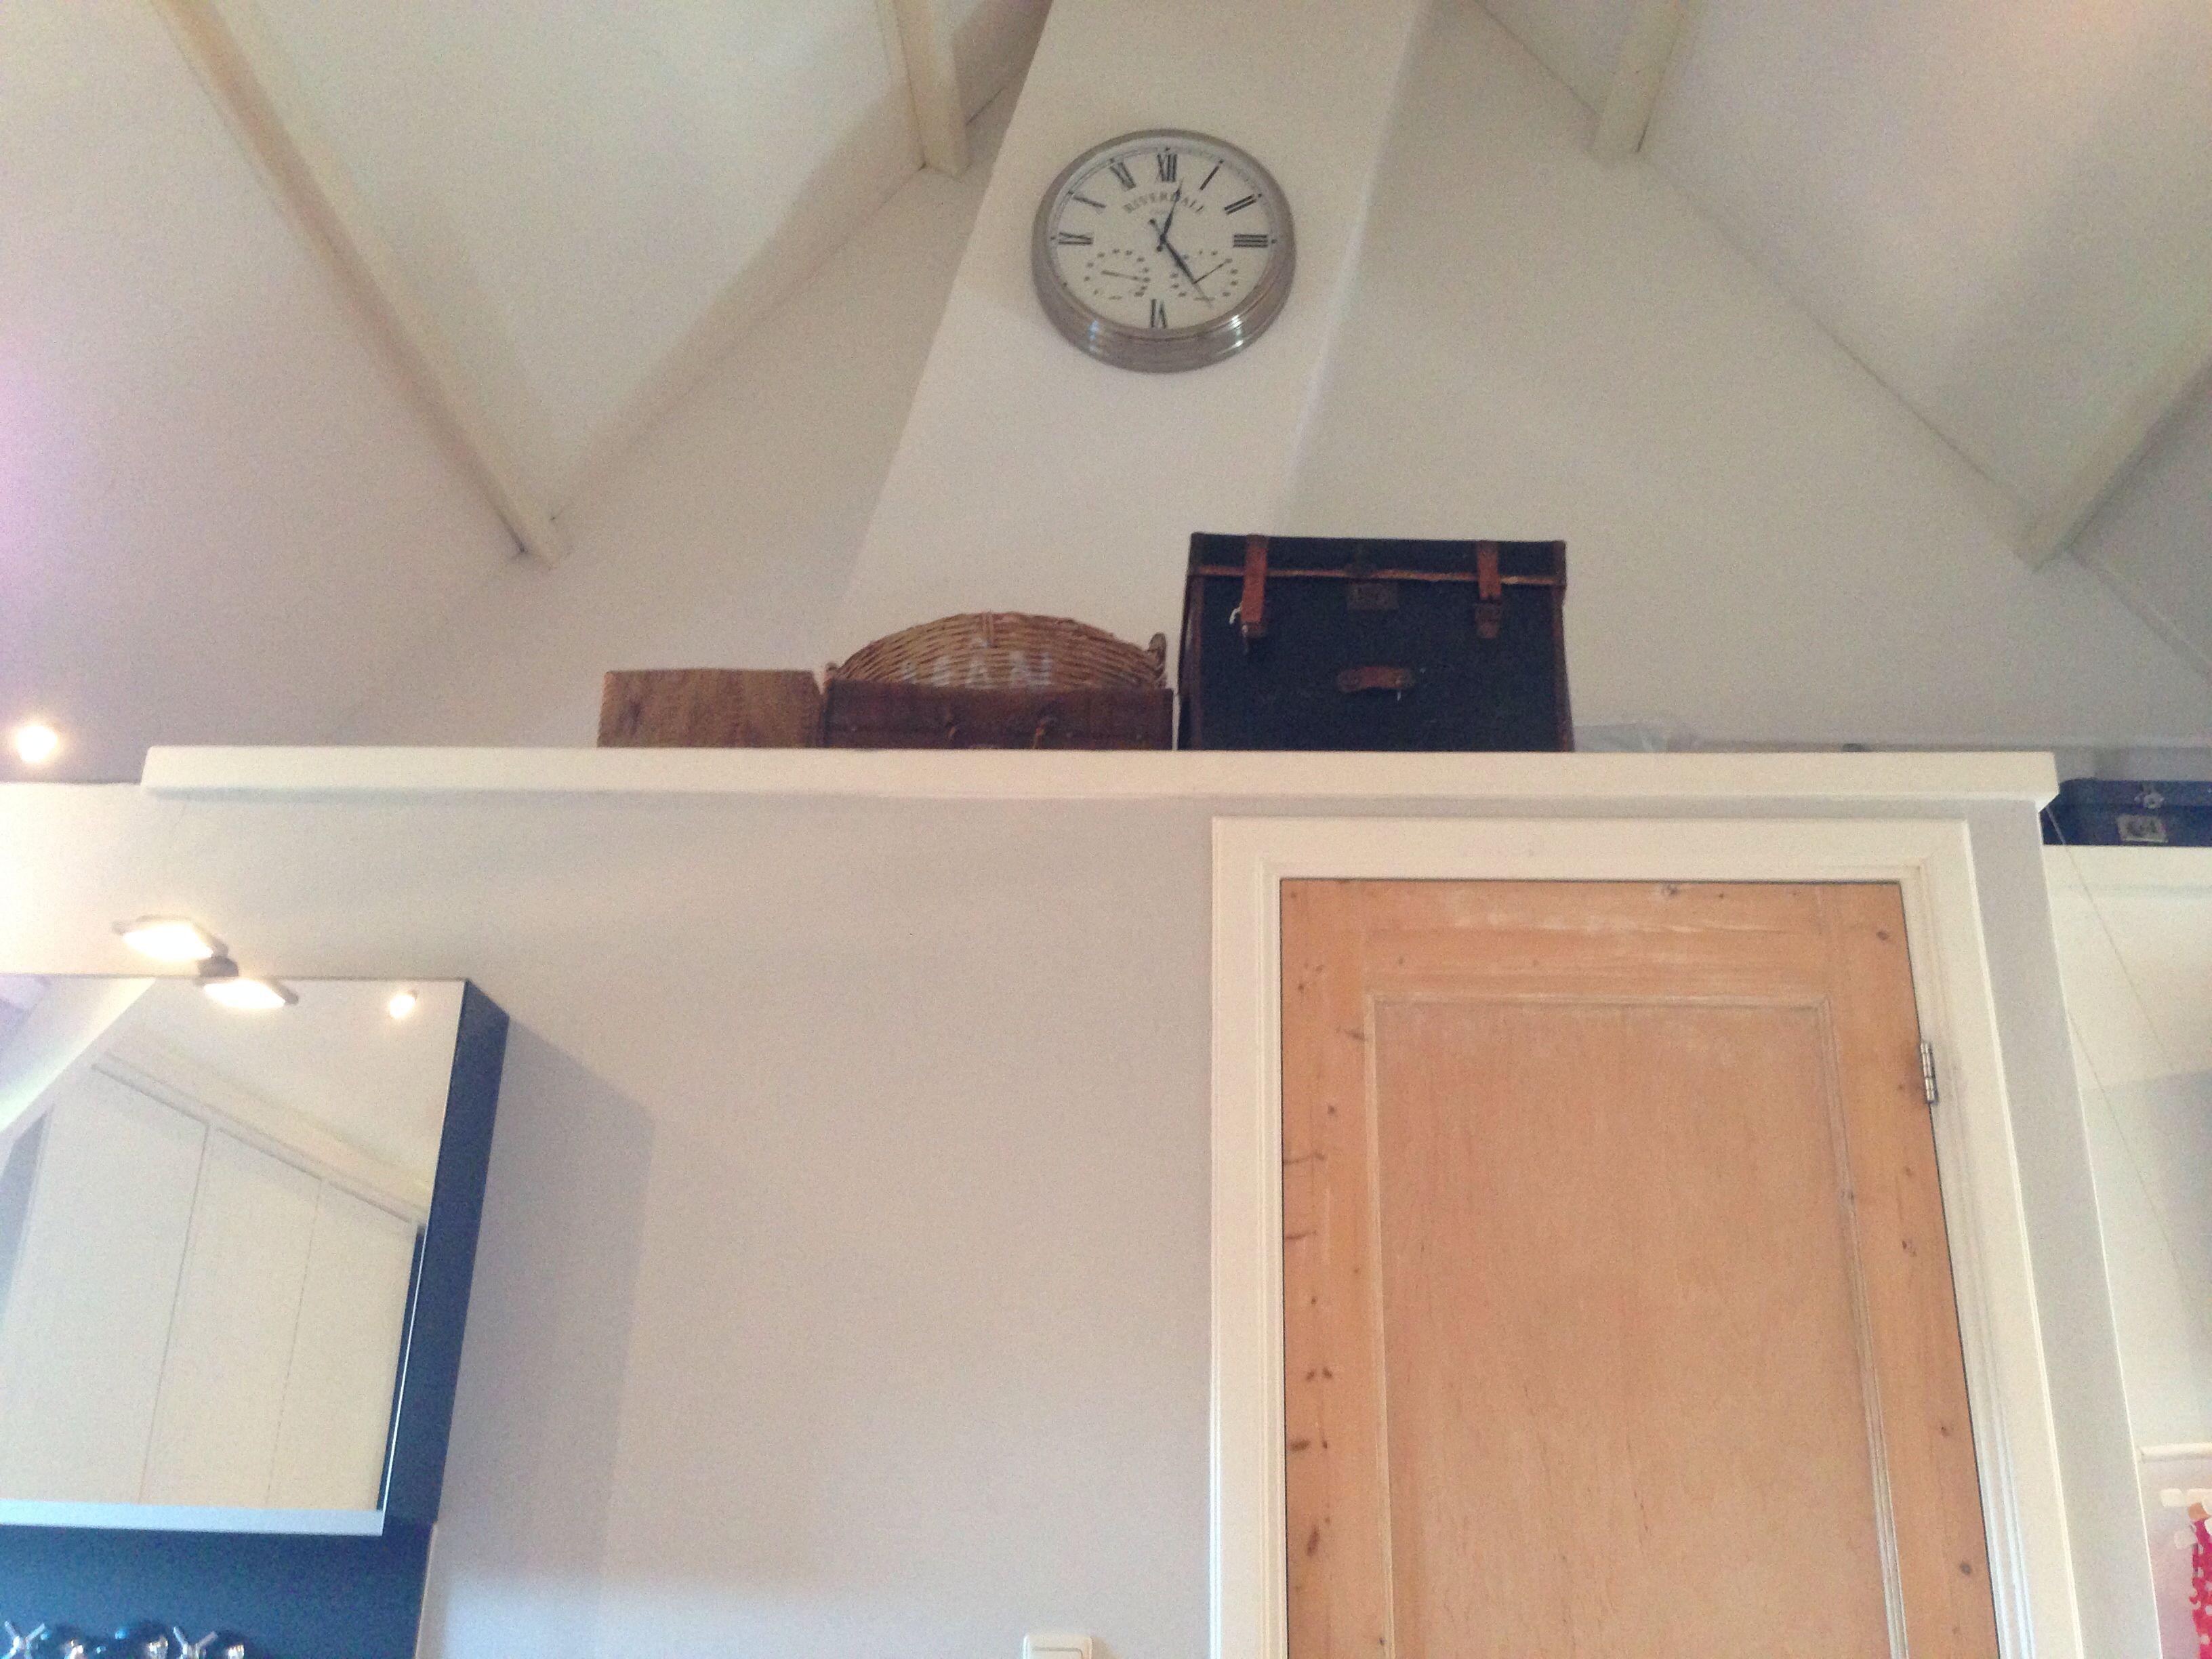 Zolder Slaapkamer Maken : Onze zolder is hoog daardoor de ruimte om een vliering te maken